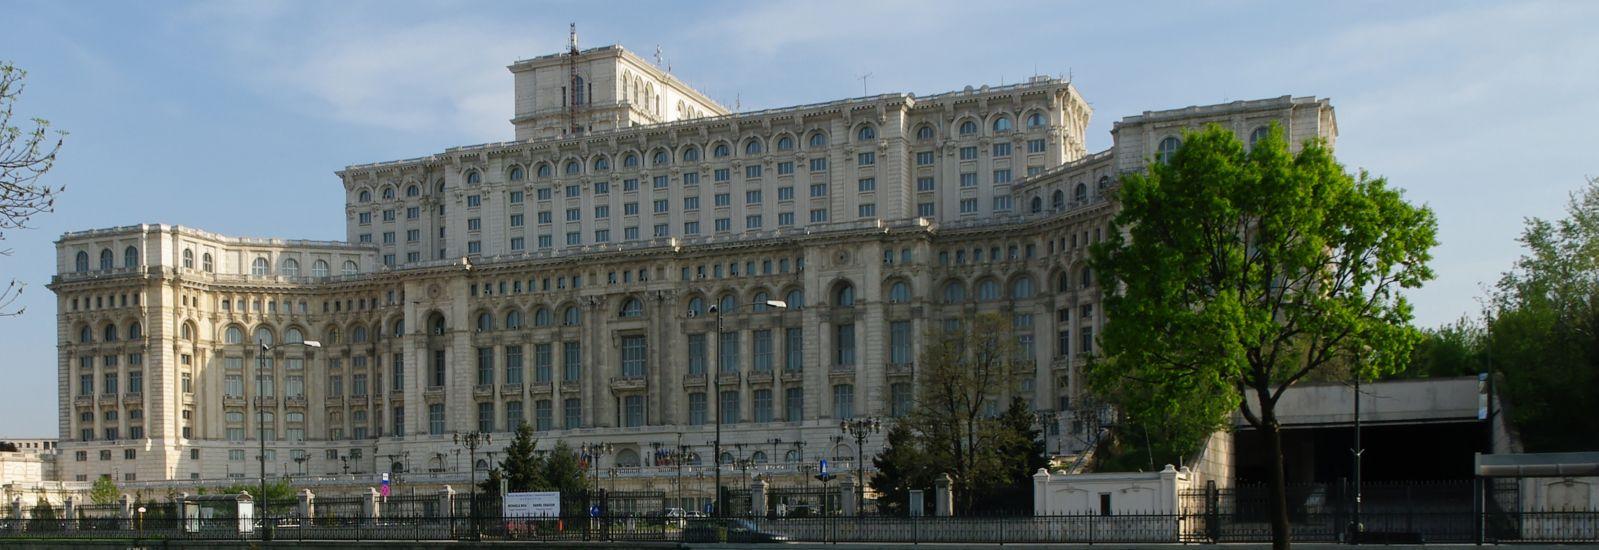 Parliament Palace (Casa Poporului), Bucharest - Romania